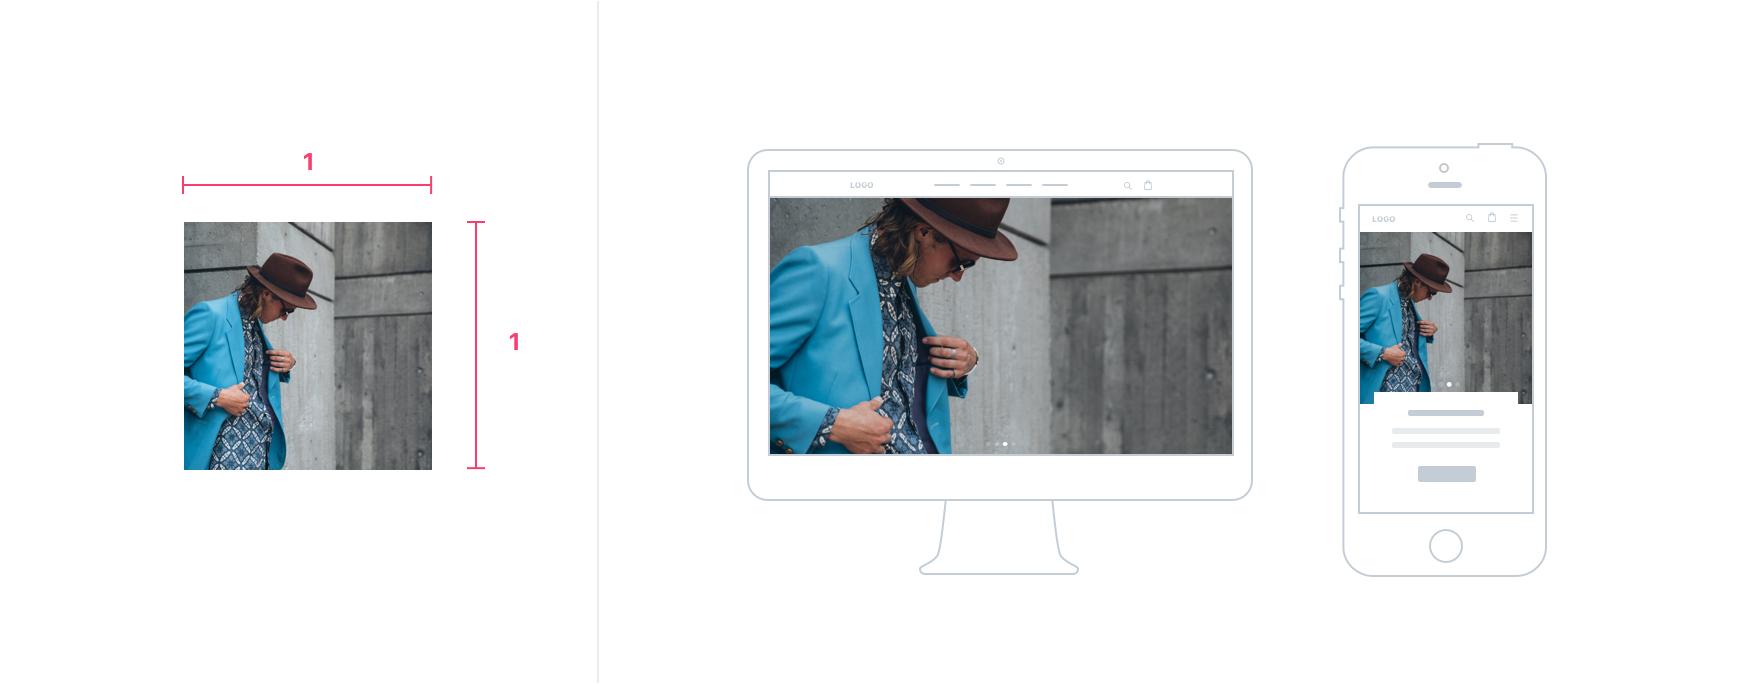 正方形のスライドがデスクトップとモバイル端末に表示されます。画像はデスクトップ端末でトリミングされますが、モバイル端末でトリミングされません。